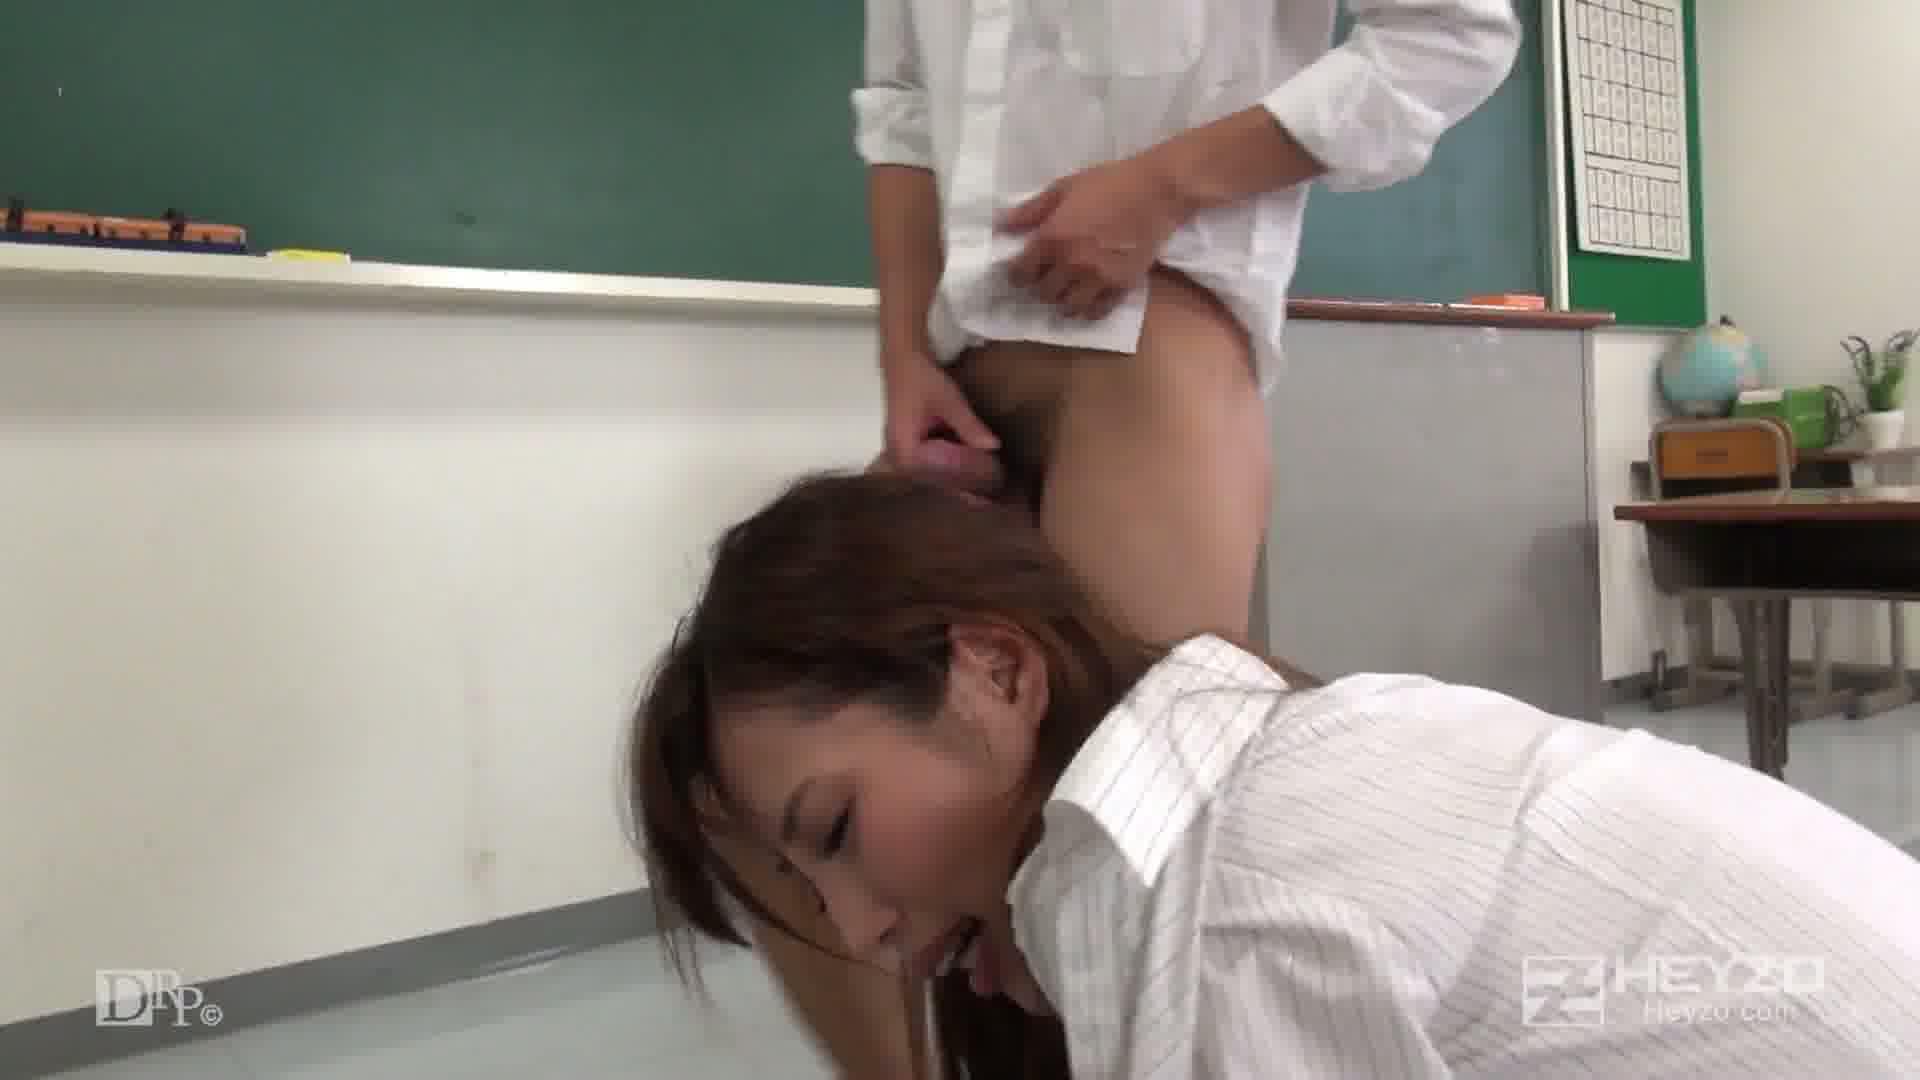 淫楽に沈む教師~新任教師の初授業~ - 瞳ゆら【背面座位 立ちバック 騎乗位 側位】